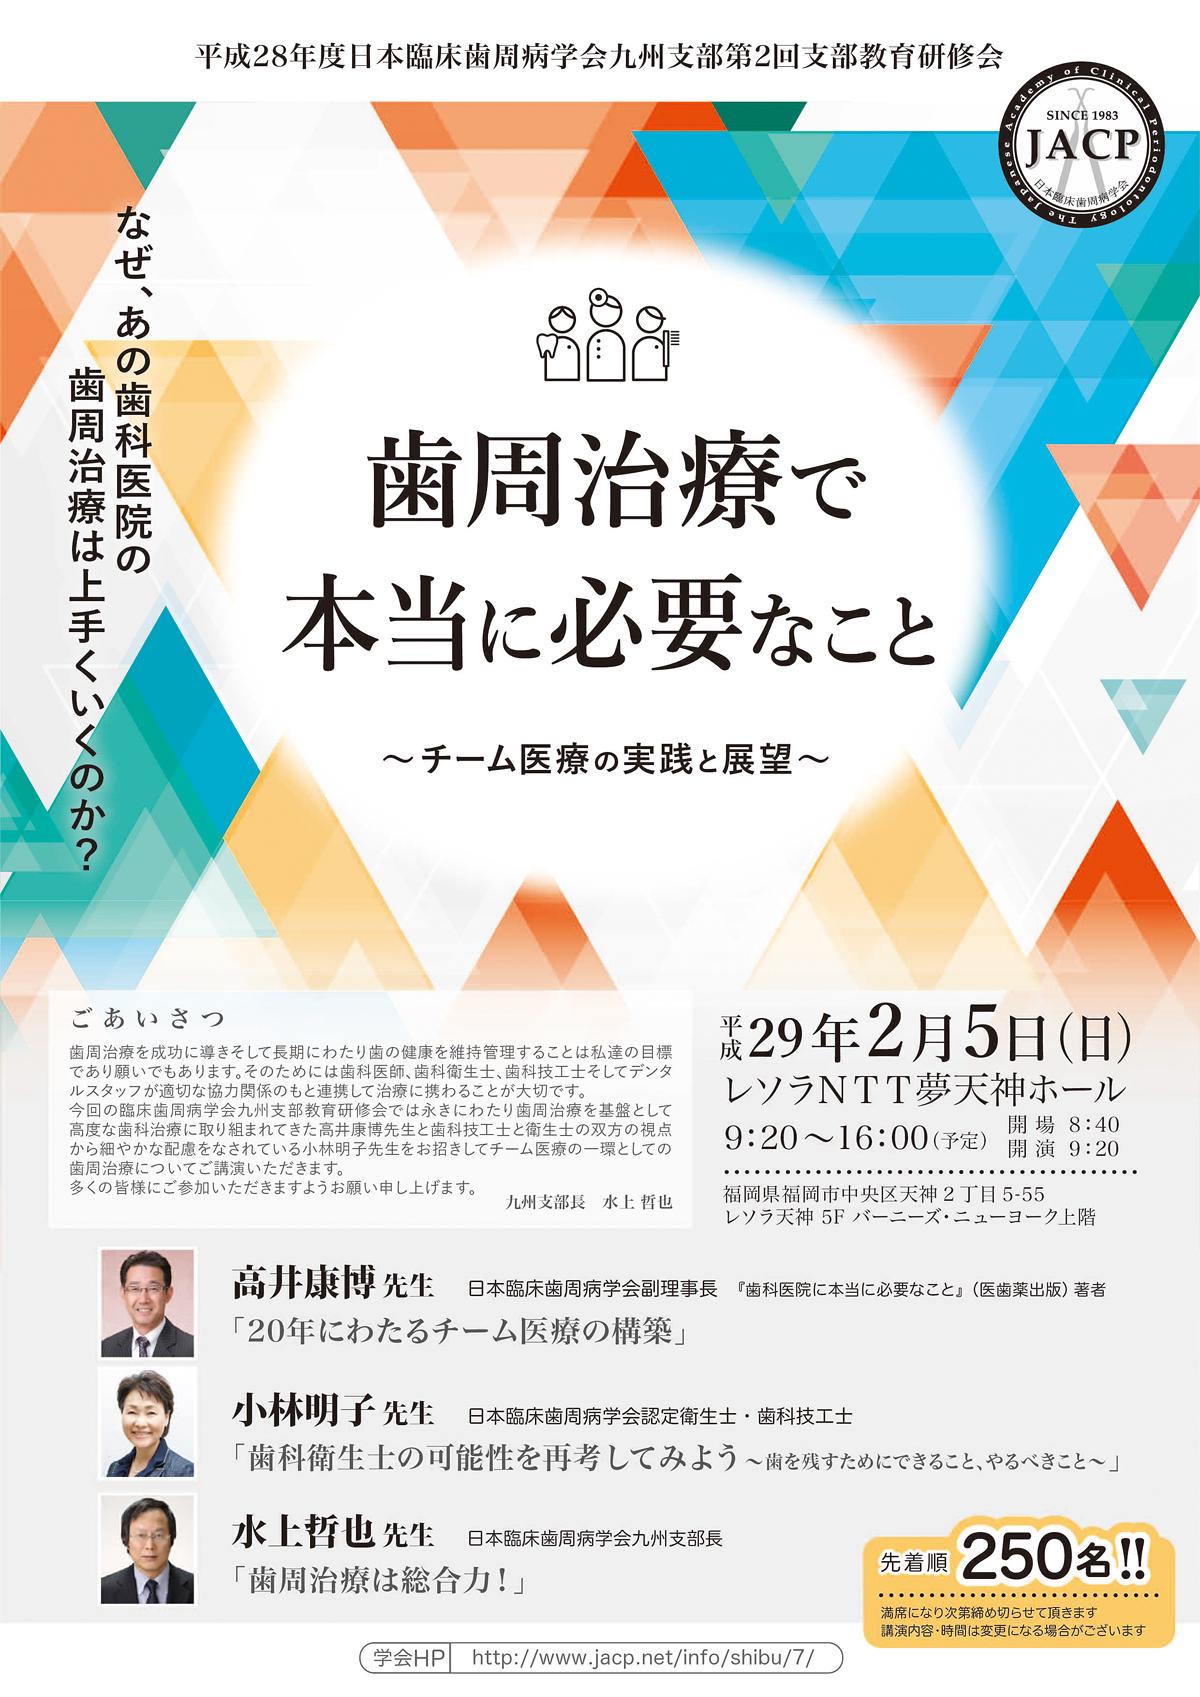 日本臨床歯周病学会 | 支部教育...